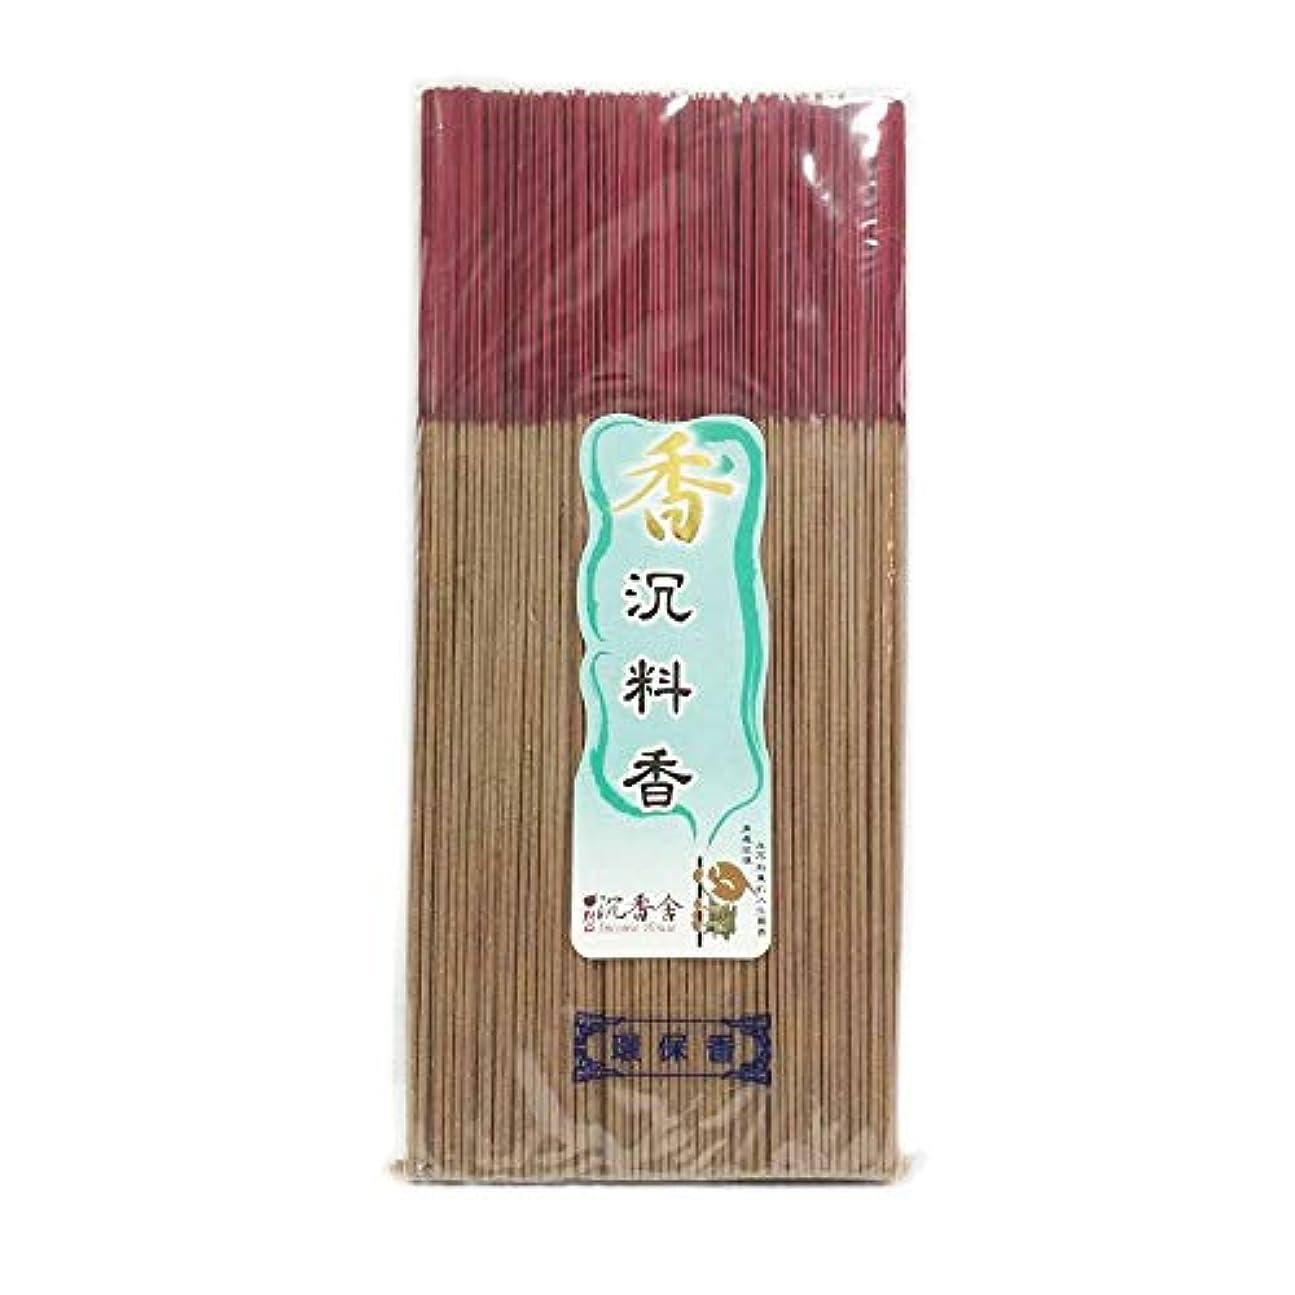 殉教者代わりに軽減する伝統的 中国風 薬味 ジョス お香スティック 300g 台湾 お香 家 宗教的 仏陀用 約400本 30cm